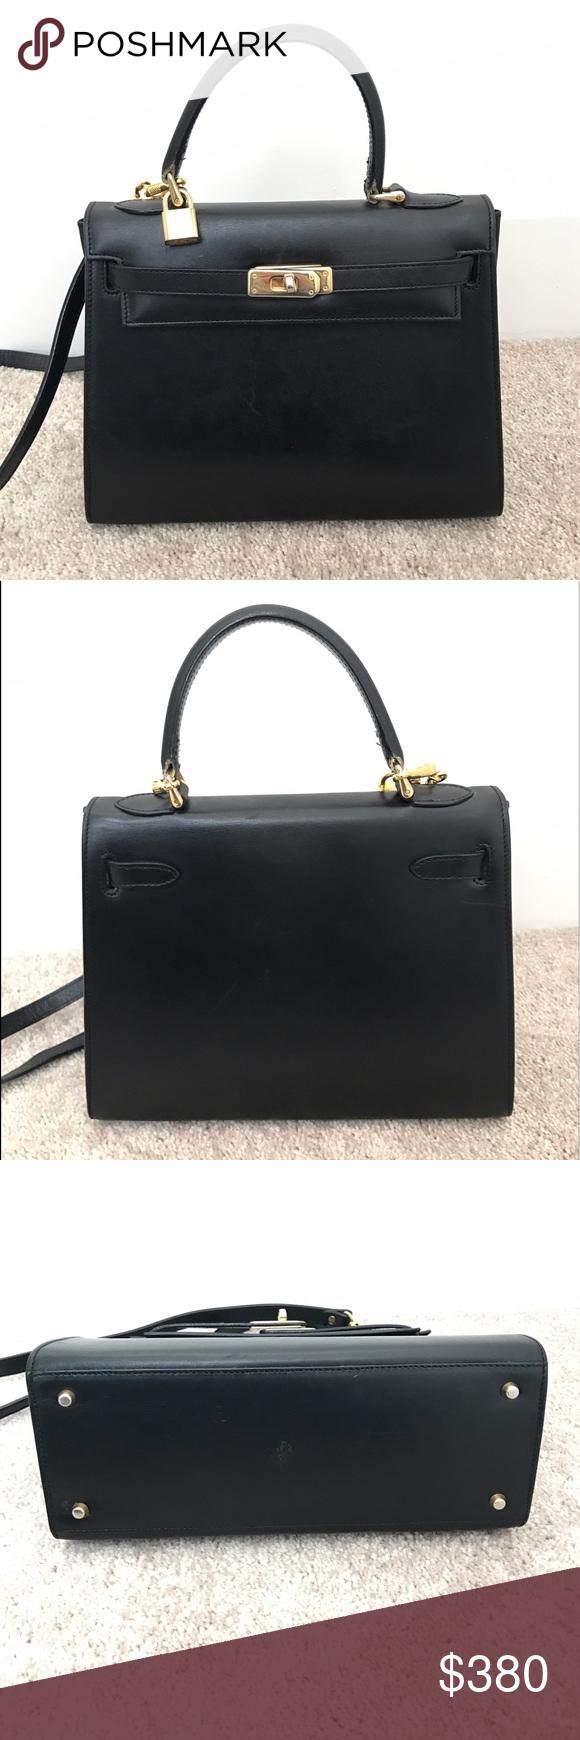 Vintage Lederer De Paris Kelly Bag Made In Italy Stunning Black Leather Handbag From